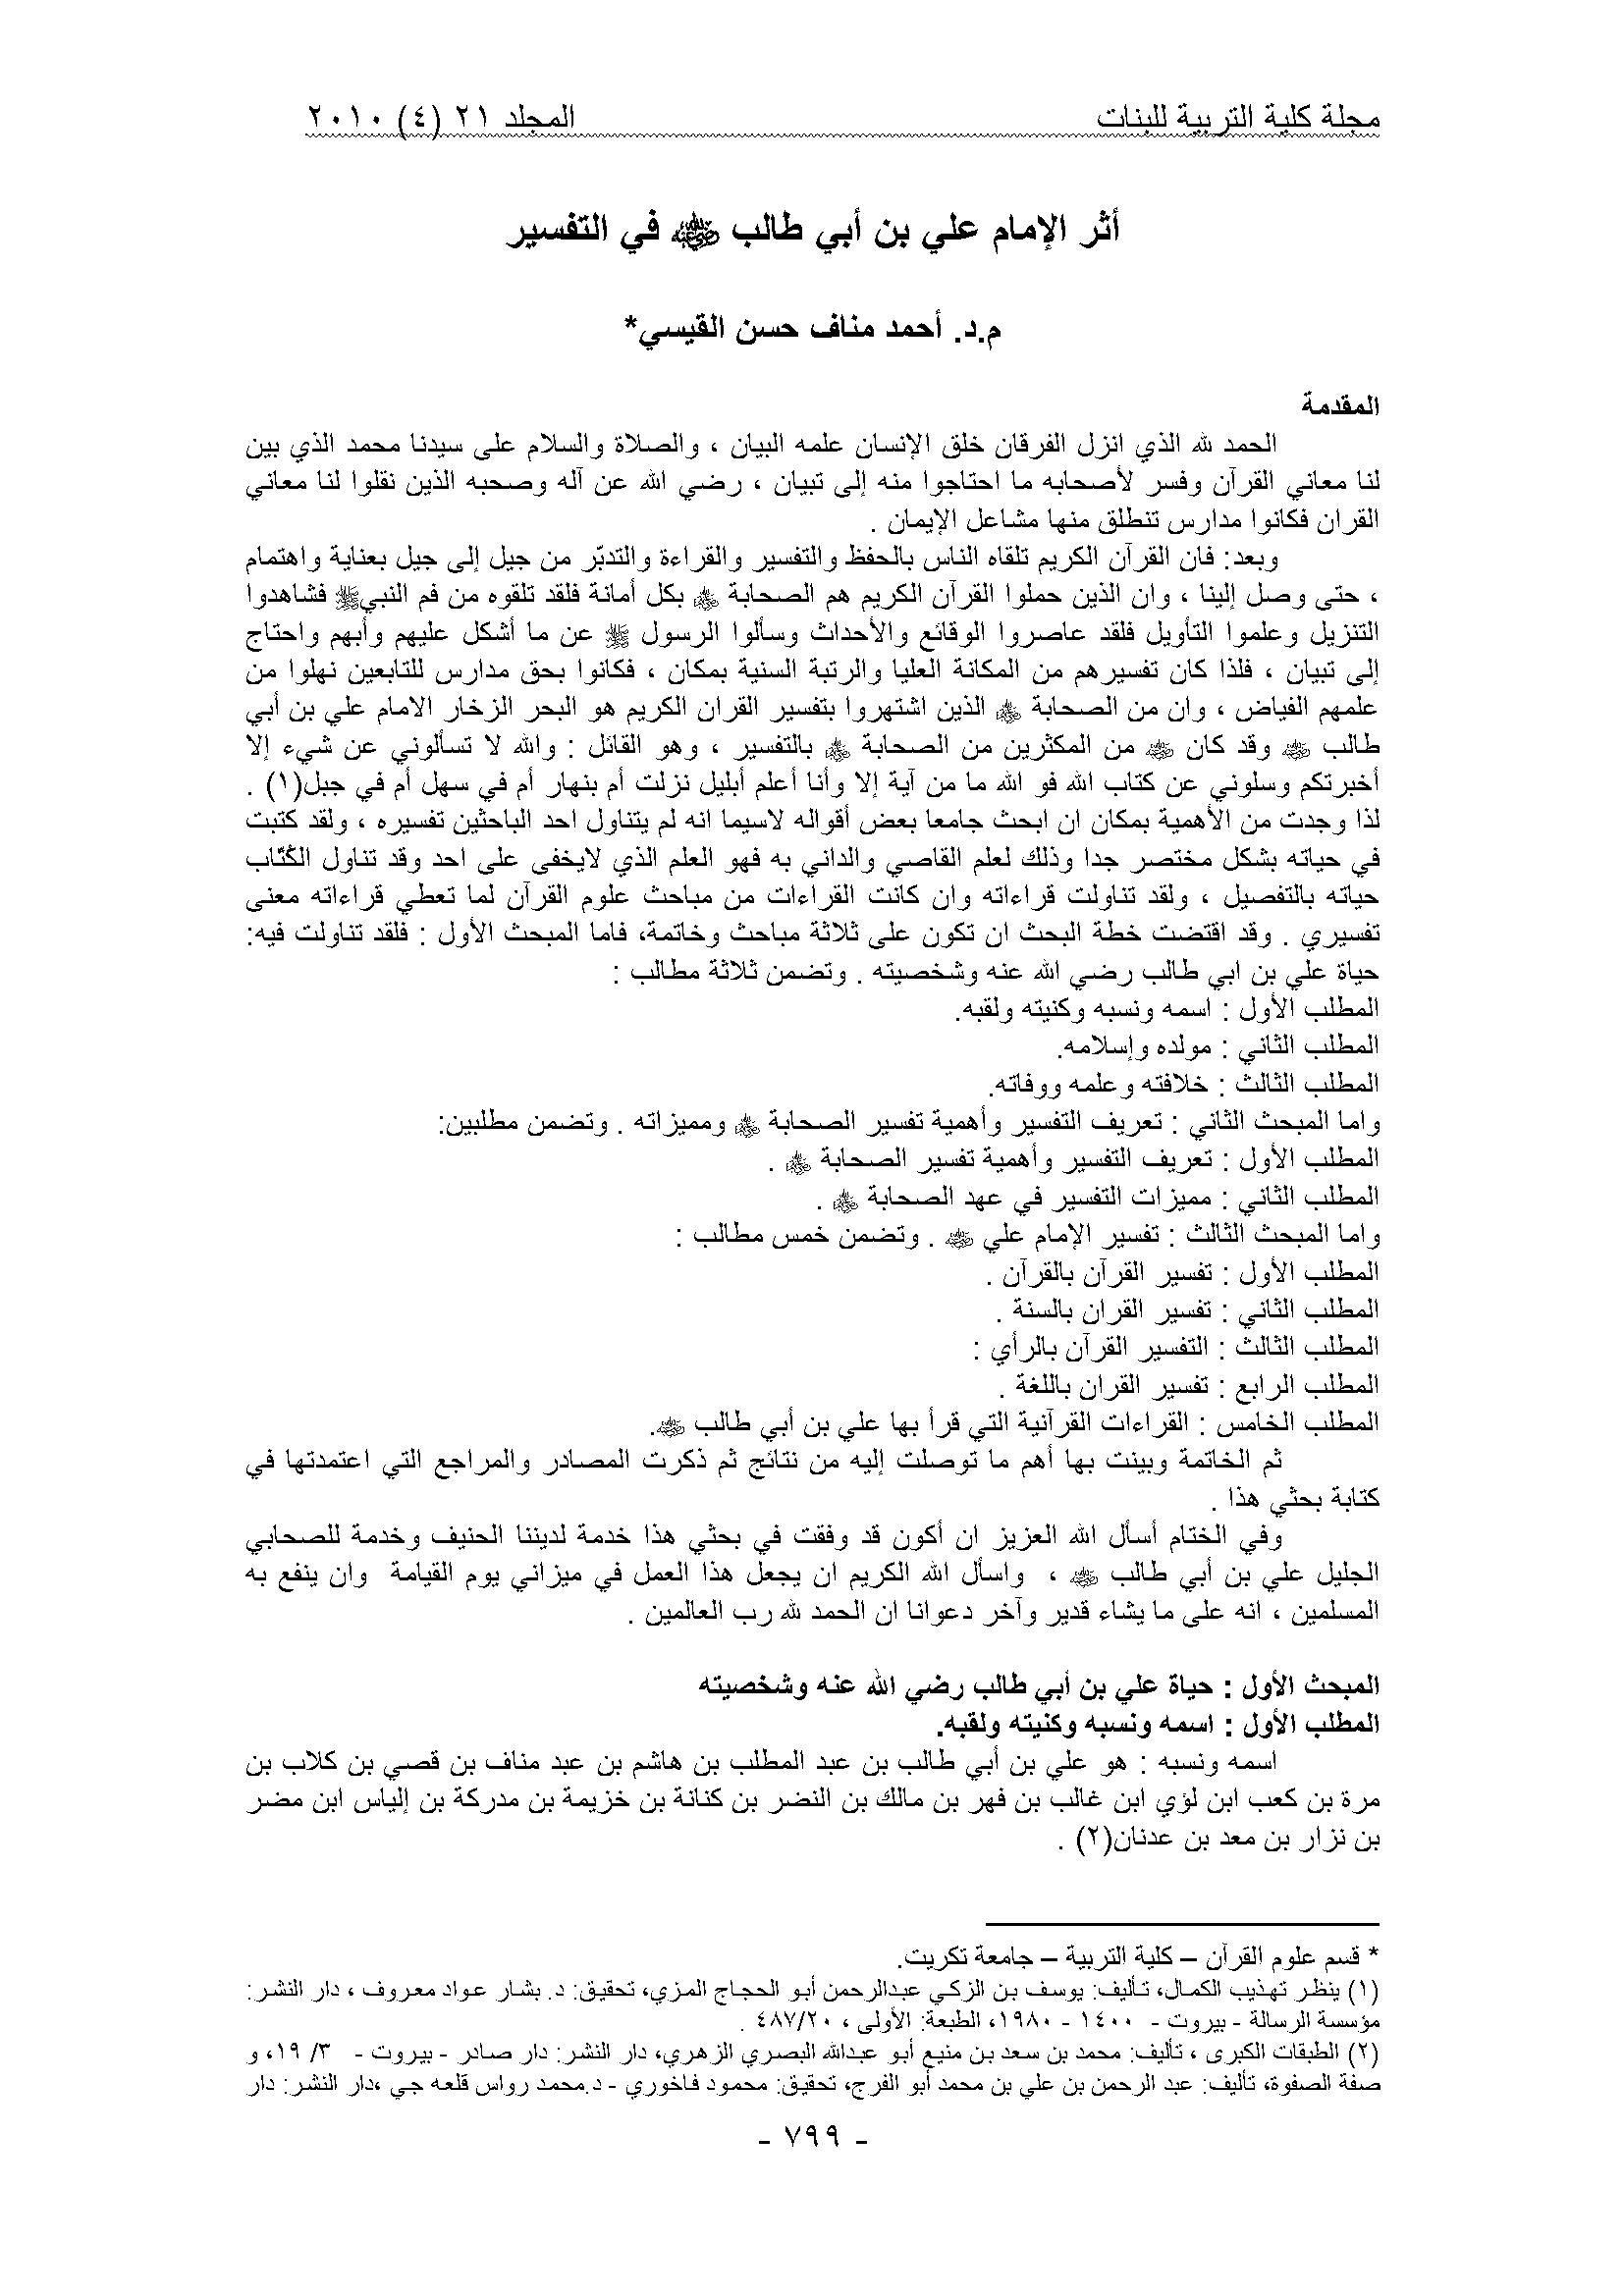 تحميل كتاب أثر الإمام علي بن أبي طالب رضي الله عنه في التفسير لـِ: الدكتور أحمد مناف حسن القيسي